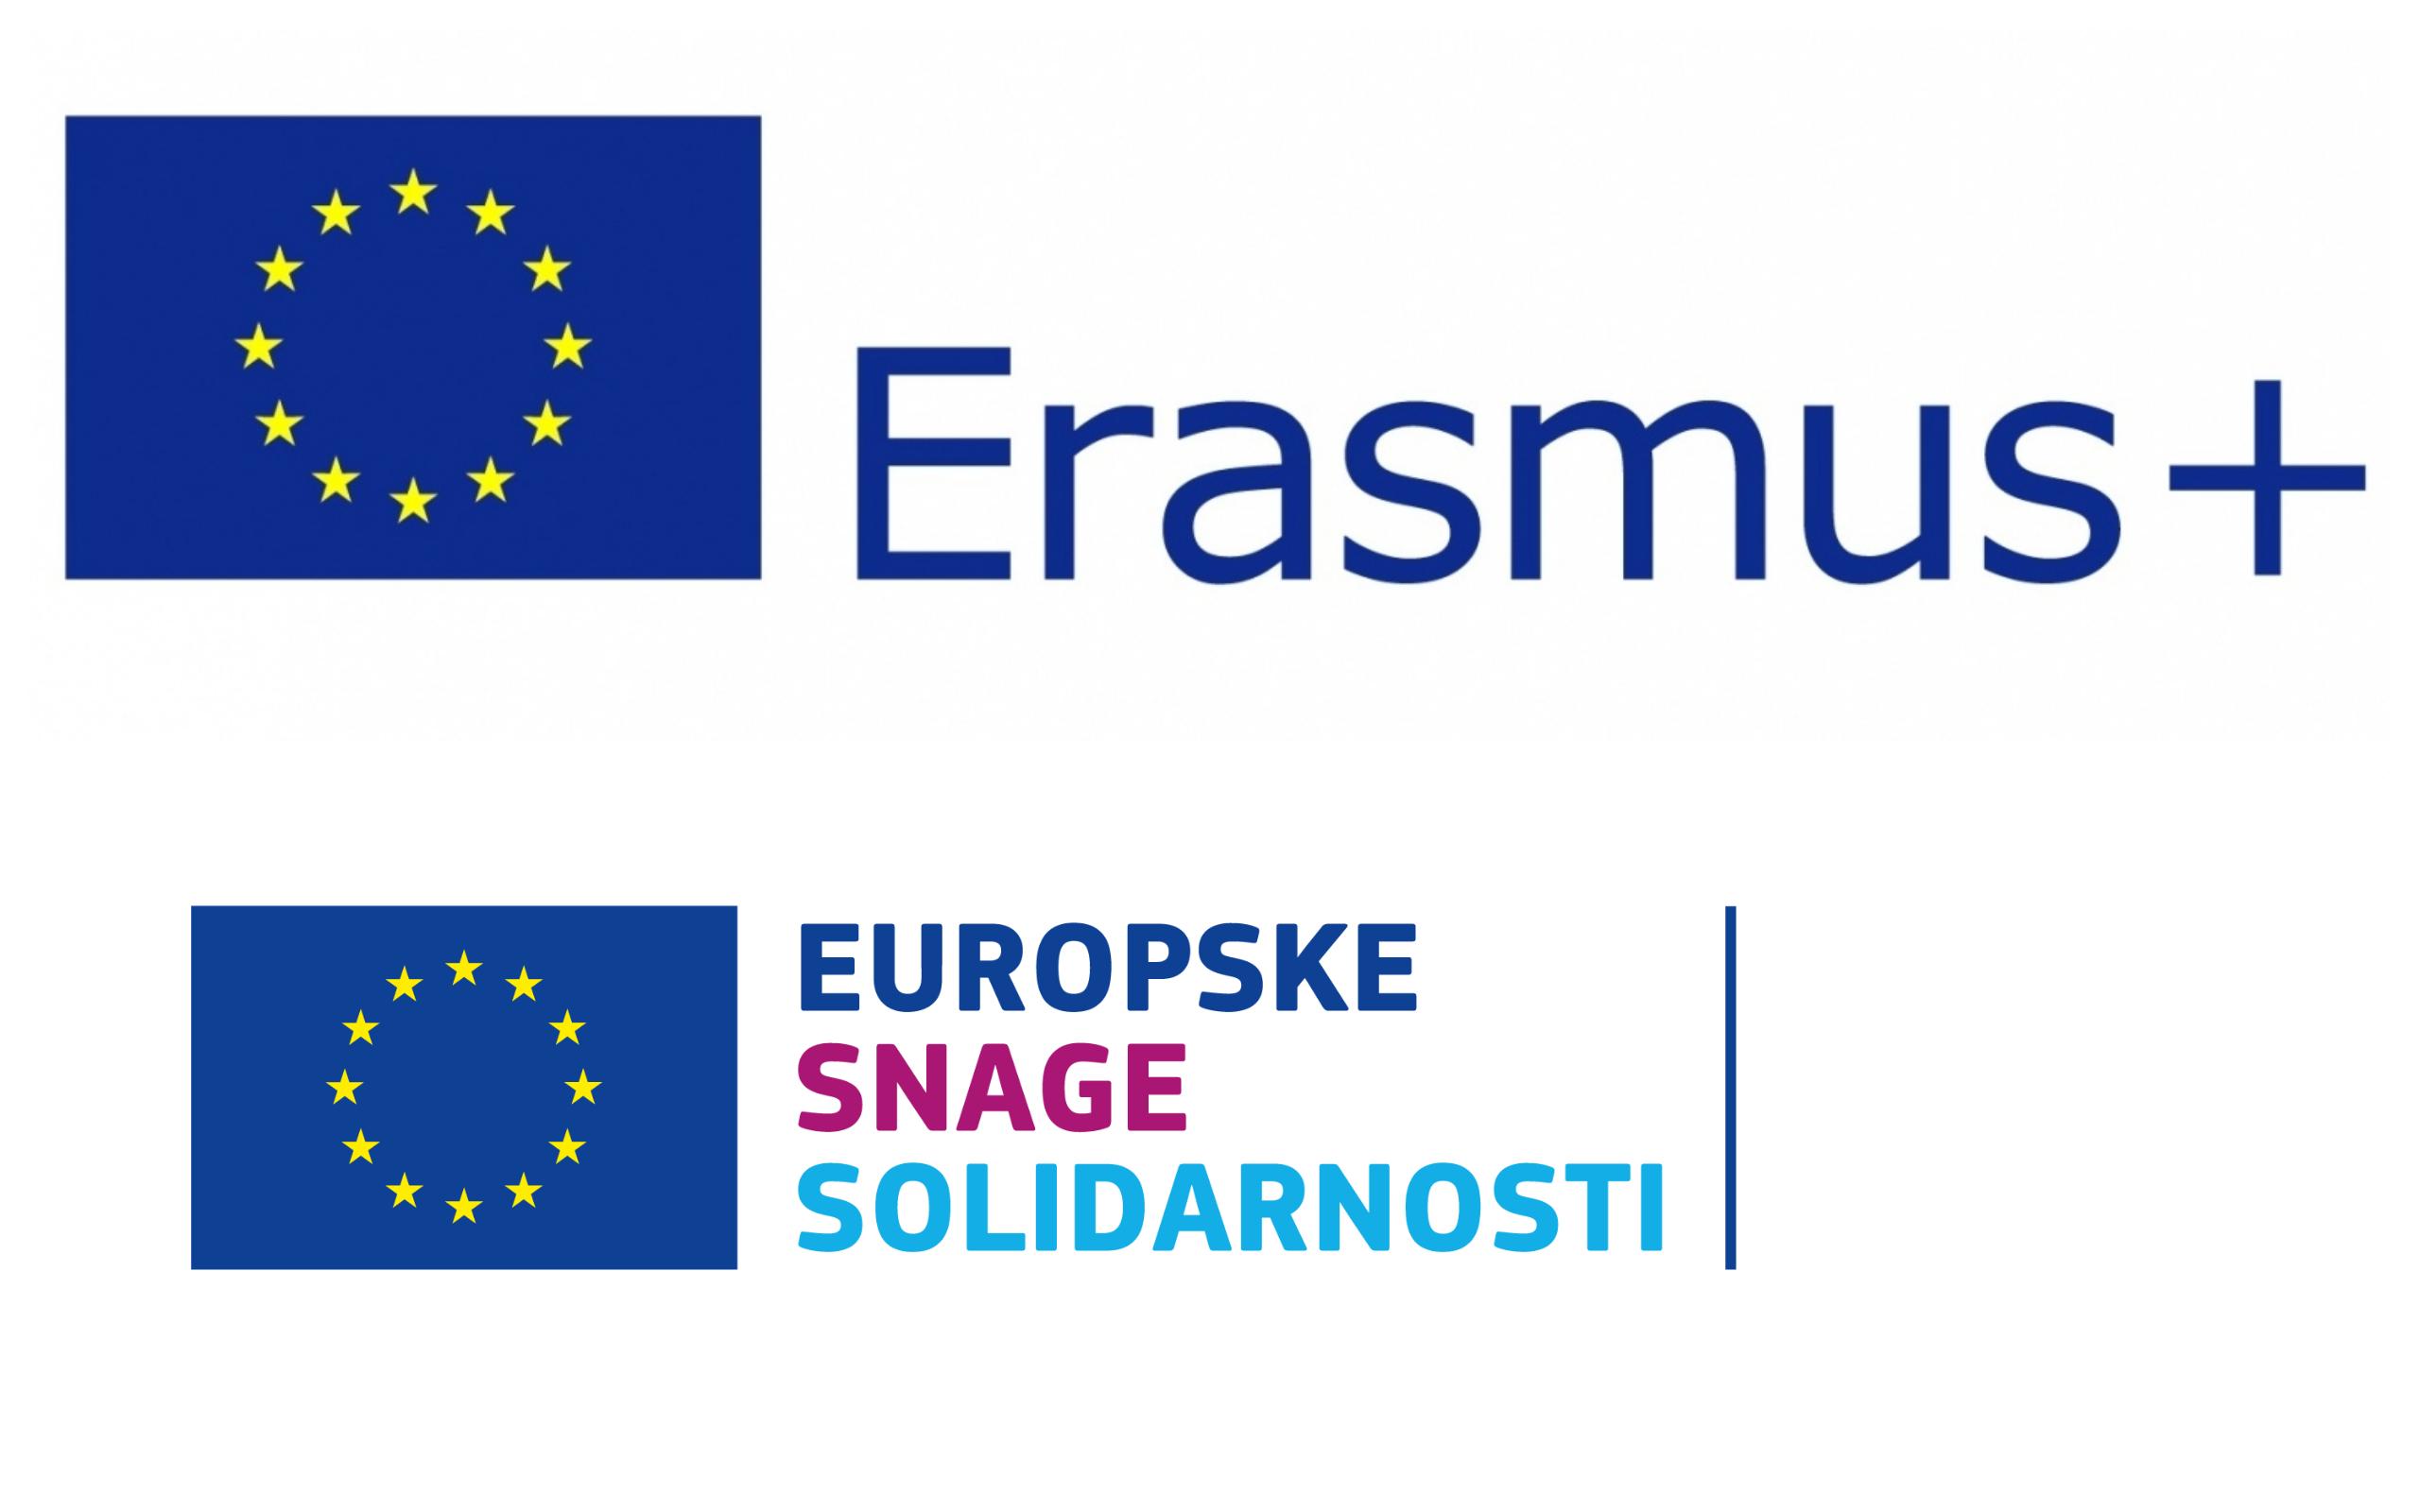 ilustracija za programe Erasmus+ i Europske snage solidarnosti